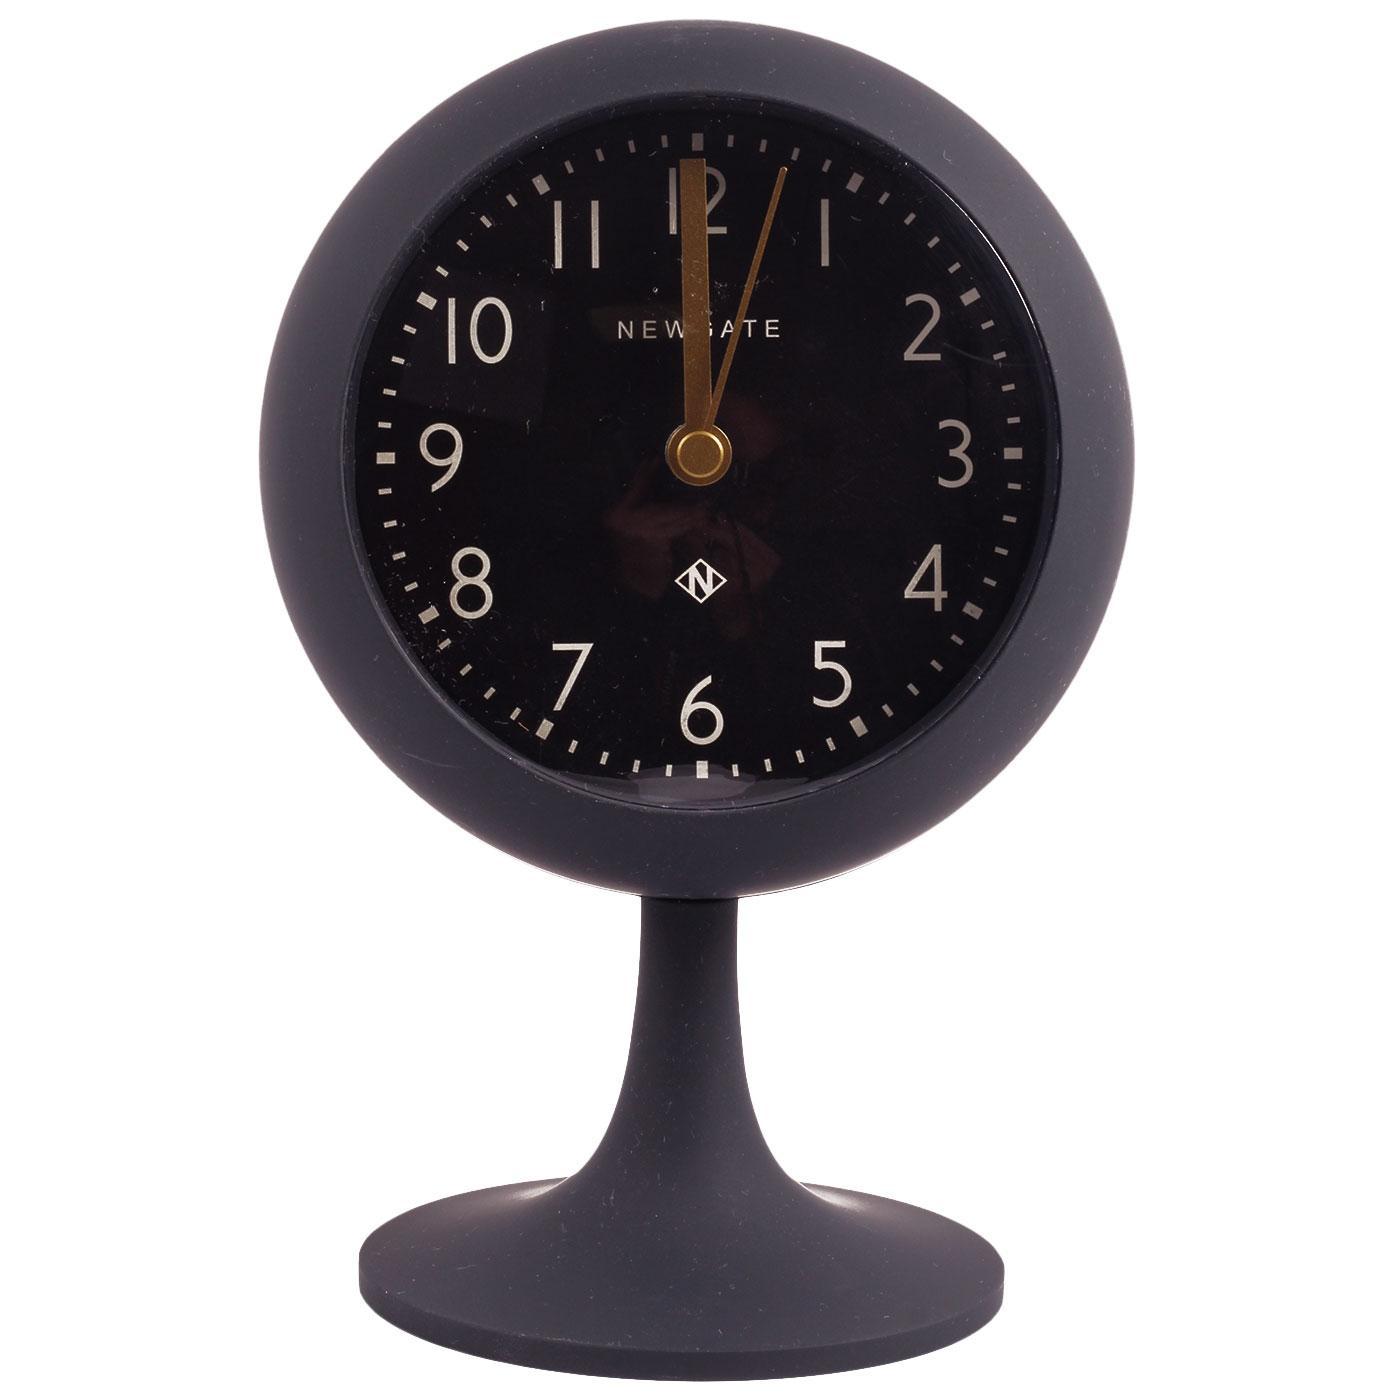 NEWGATE Retro Dome Alarm Clock Petrol w/Black Dial